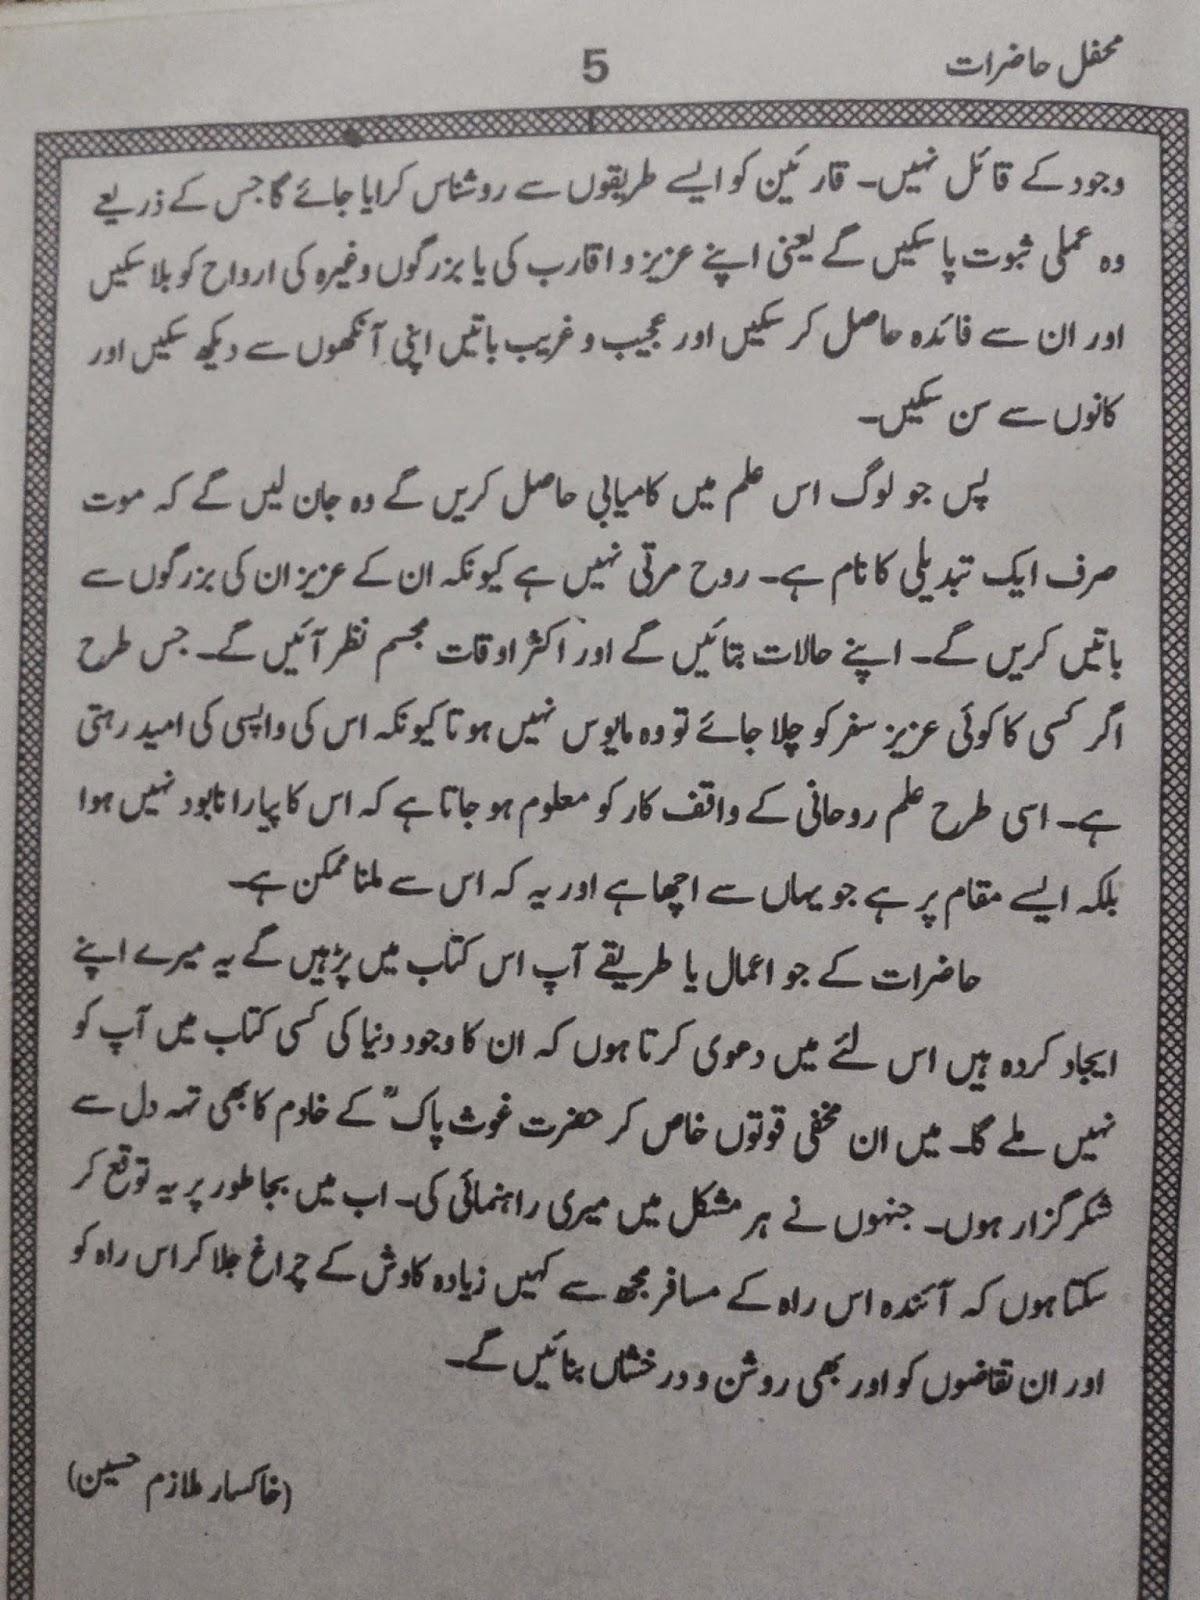 Ilm Ul Adad Books In Urdu Pdf